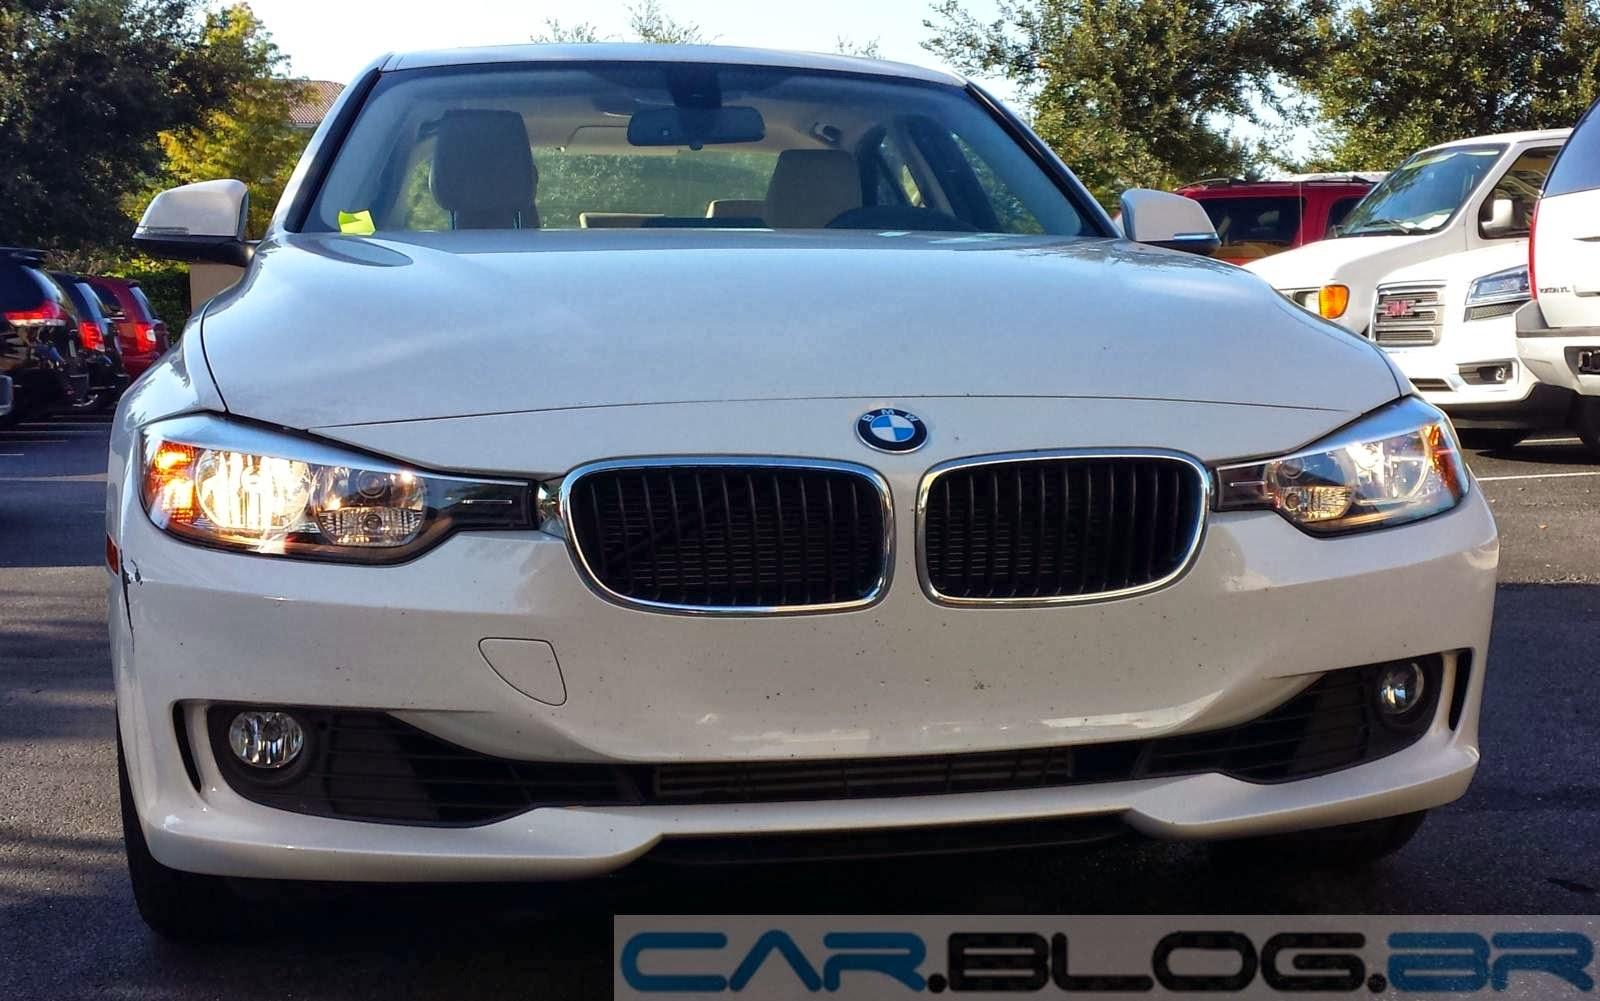 BMW Série 3 - líder entre os sedãs premium no Brasil